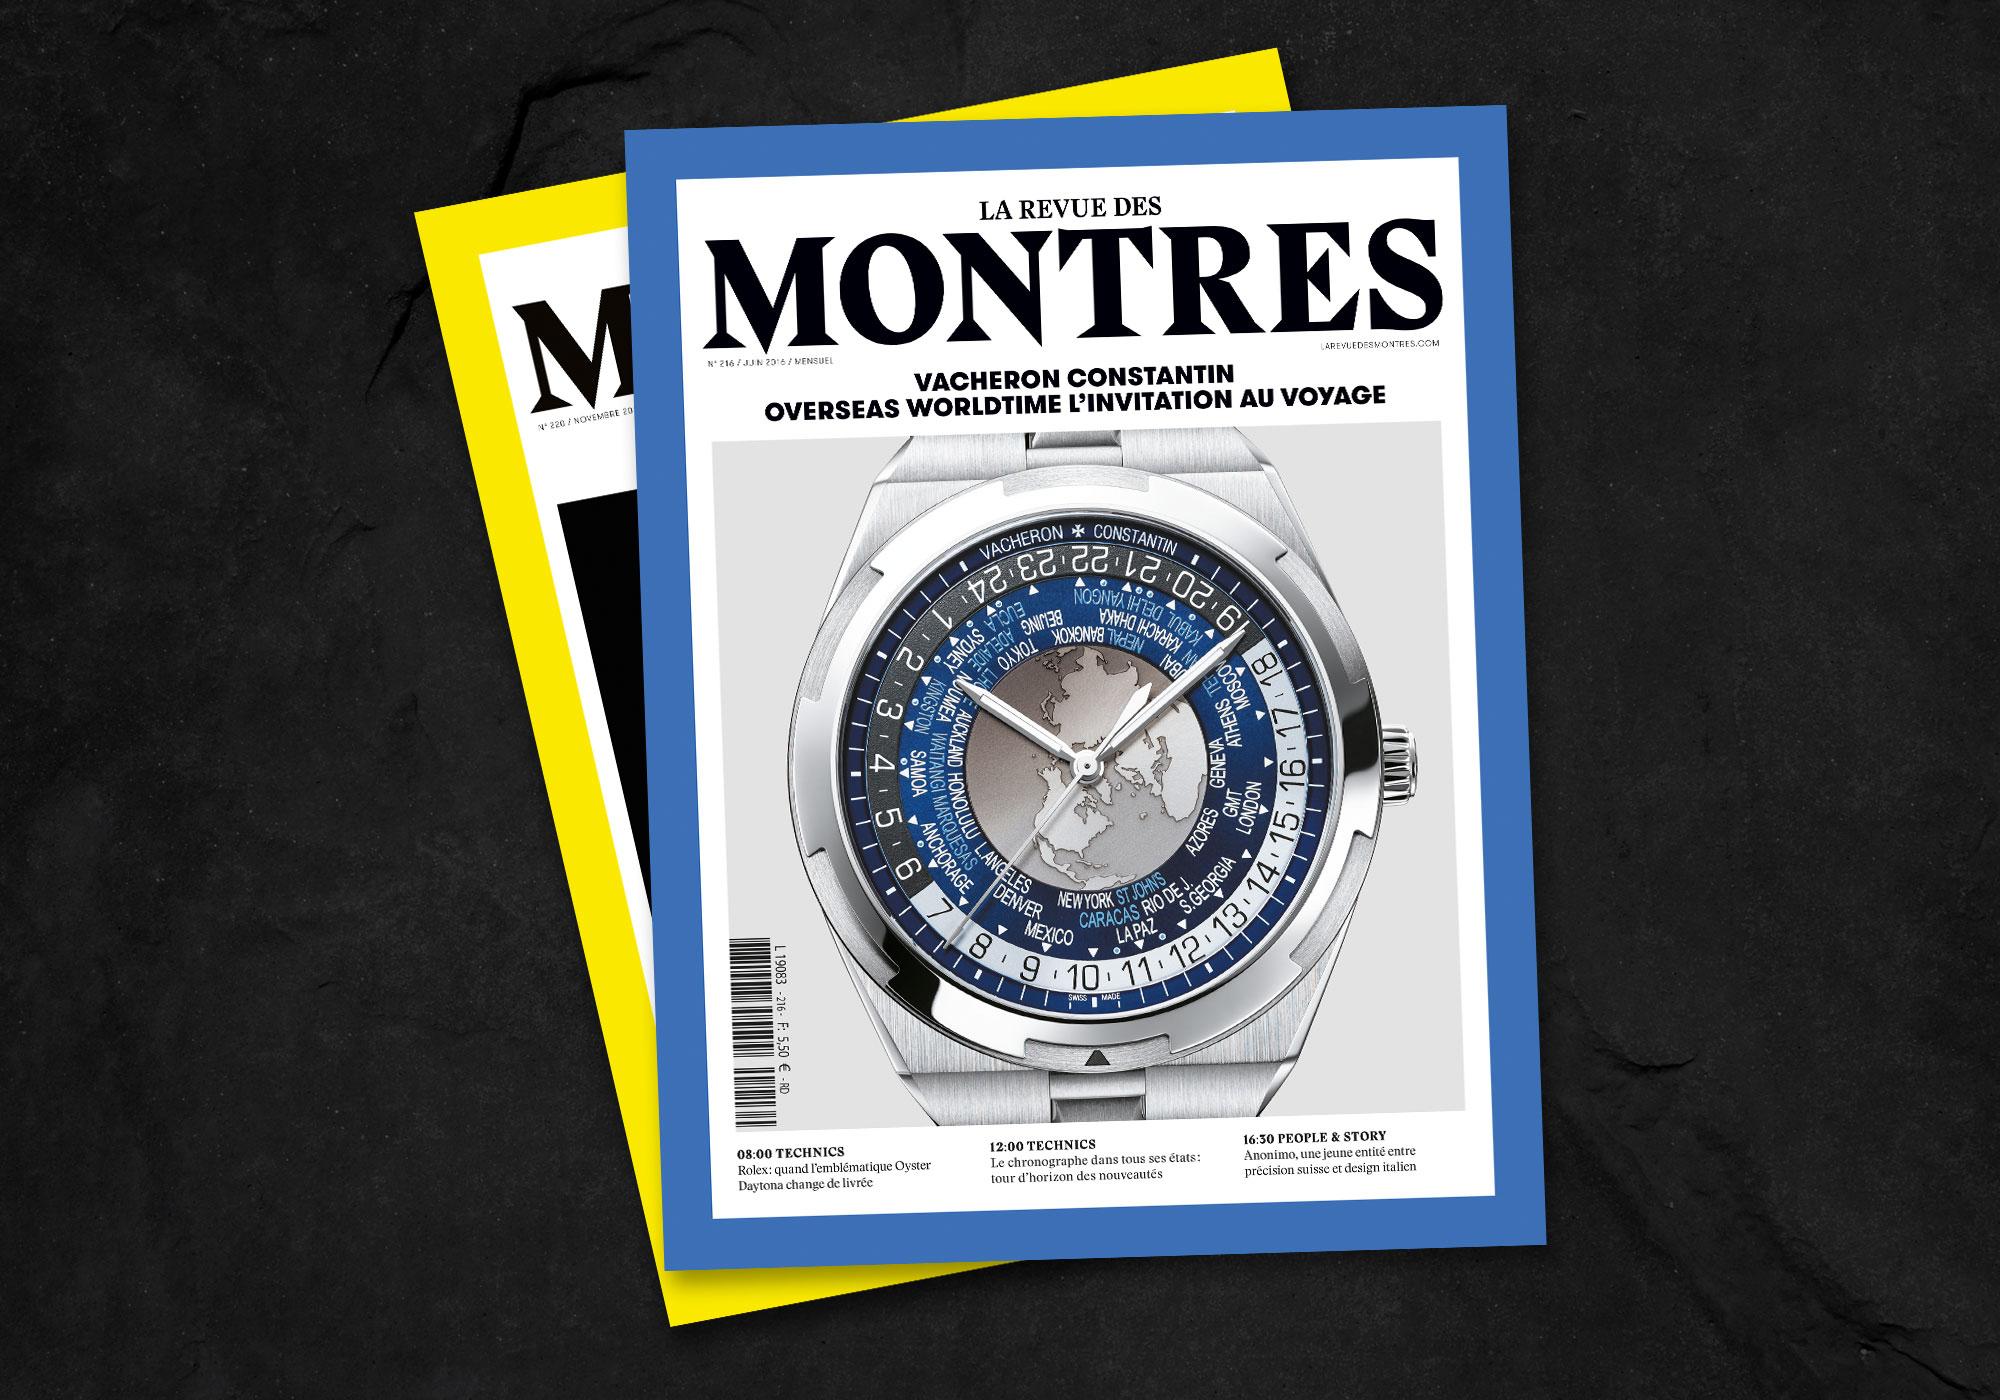 couverture de magazine la revue des montres